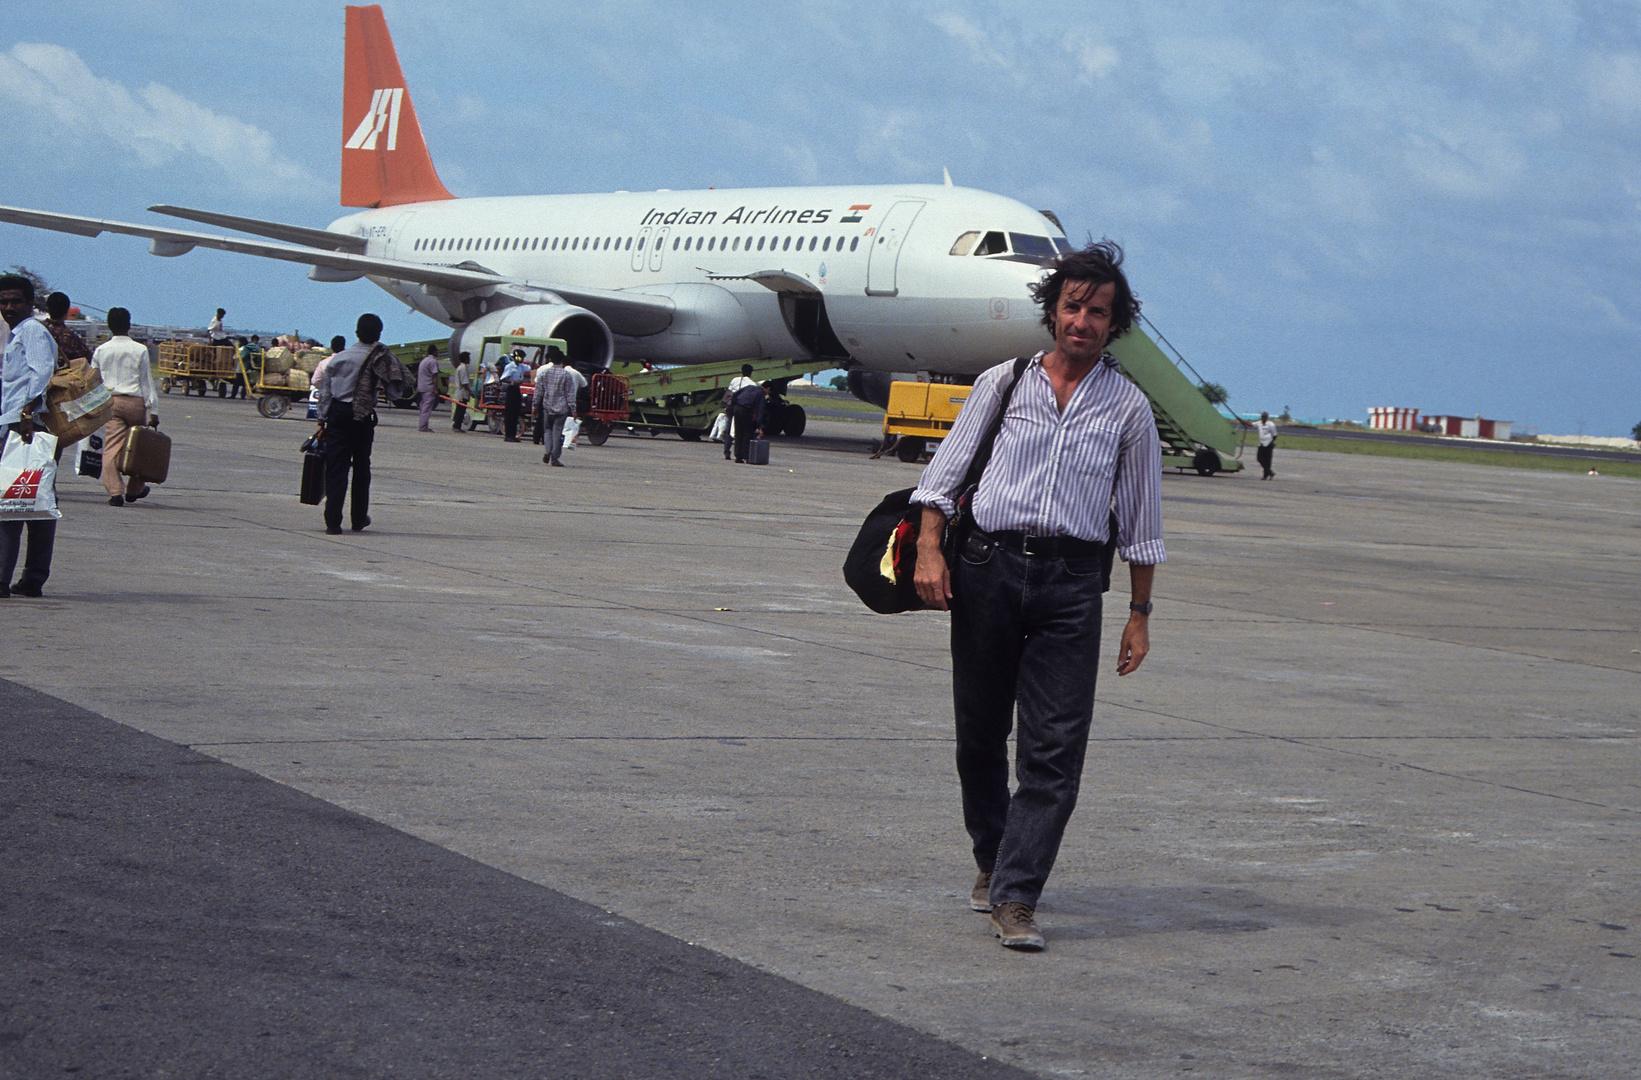 ein langer Rückflug beginnt ... (via Trivandrum, New Delhi)